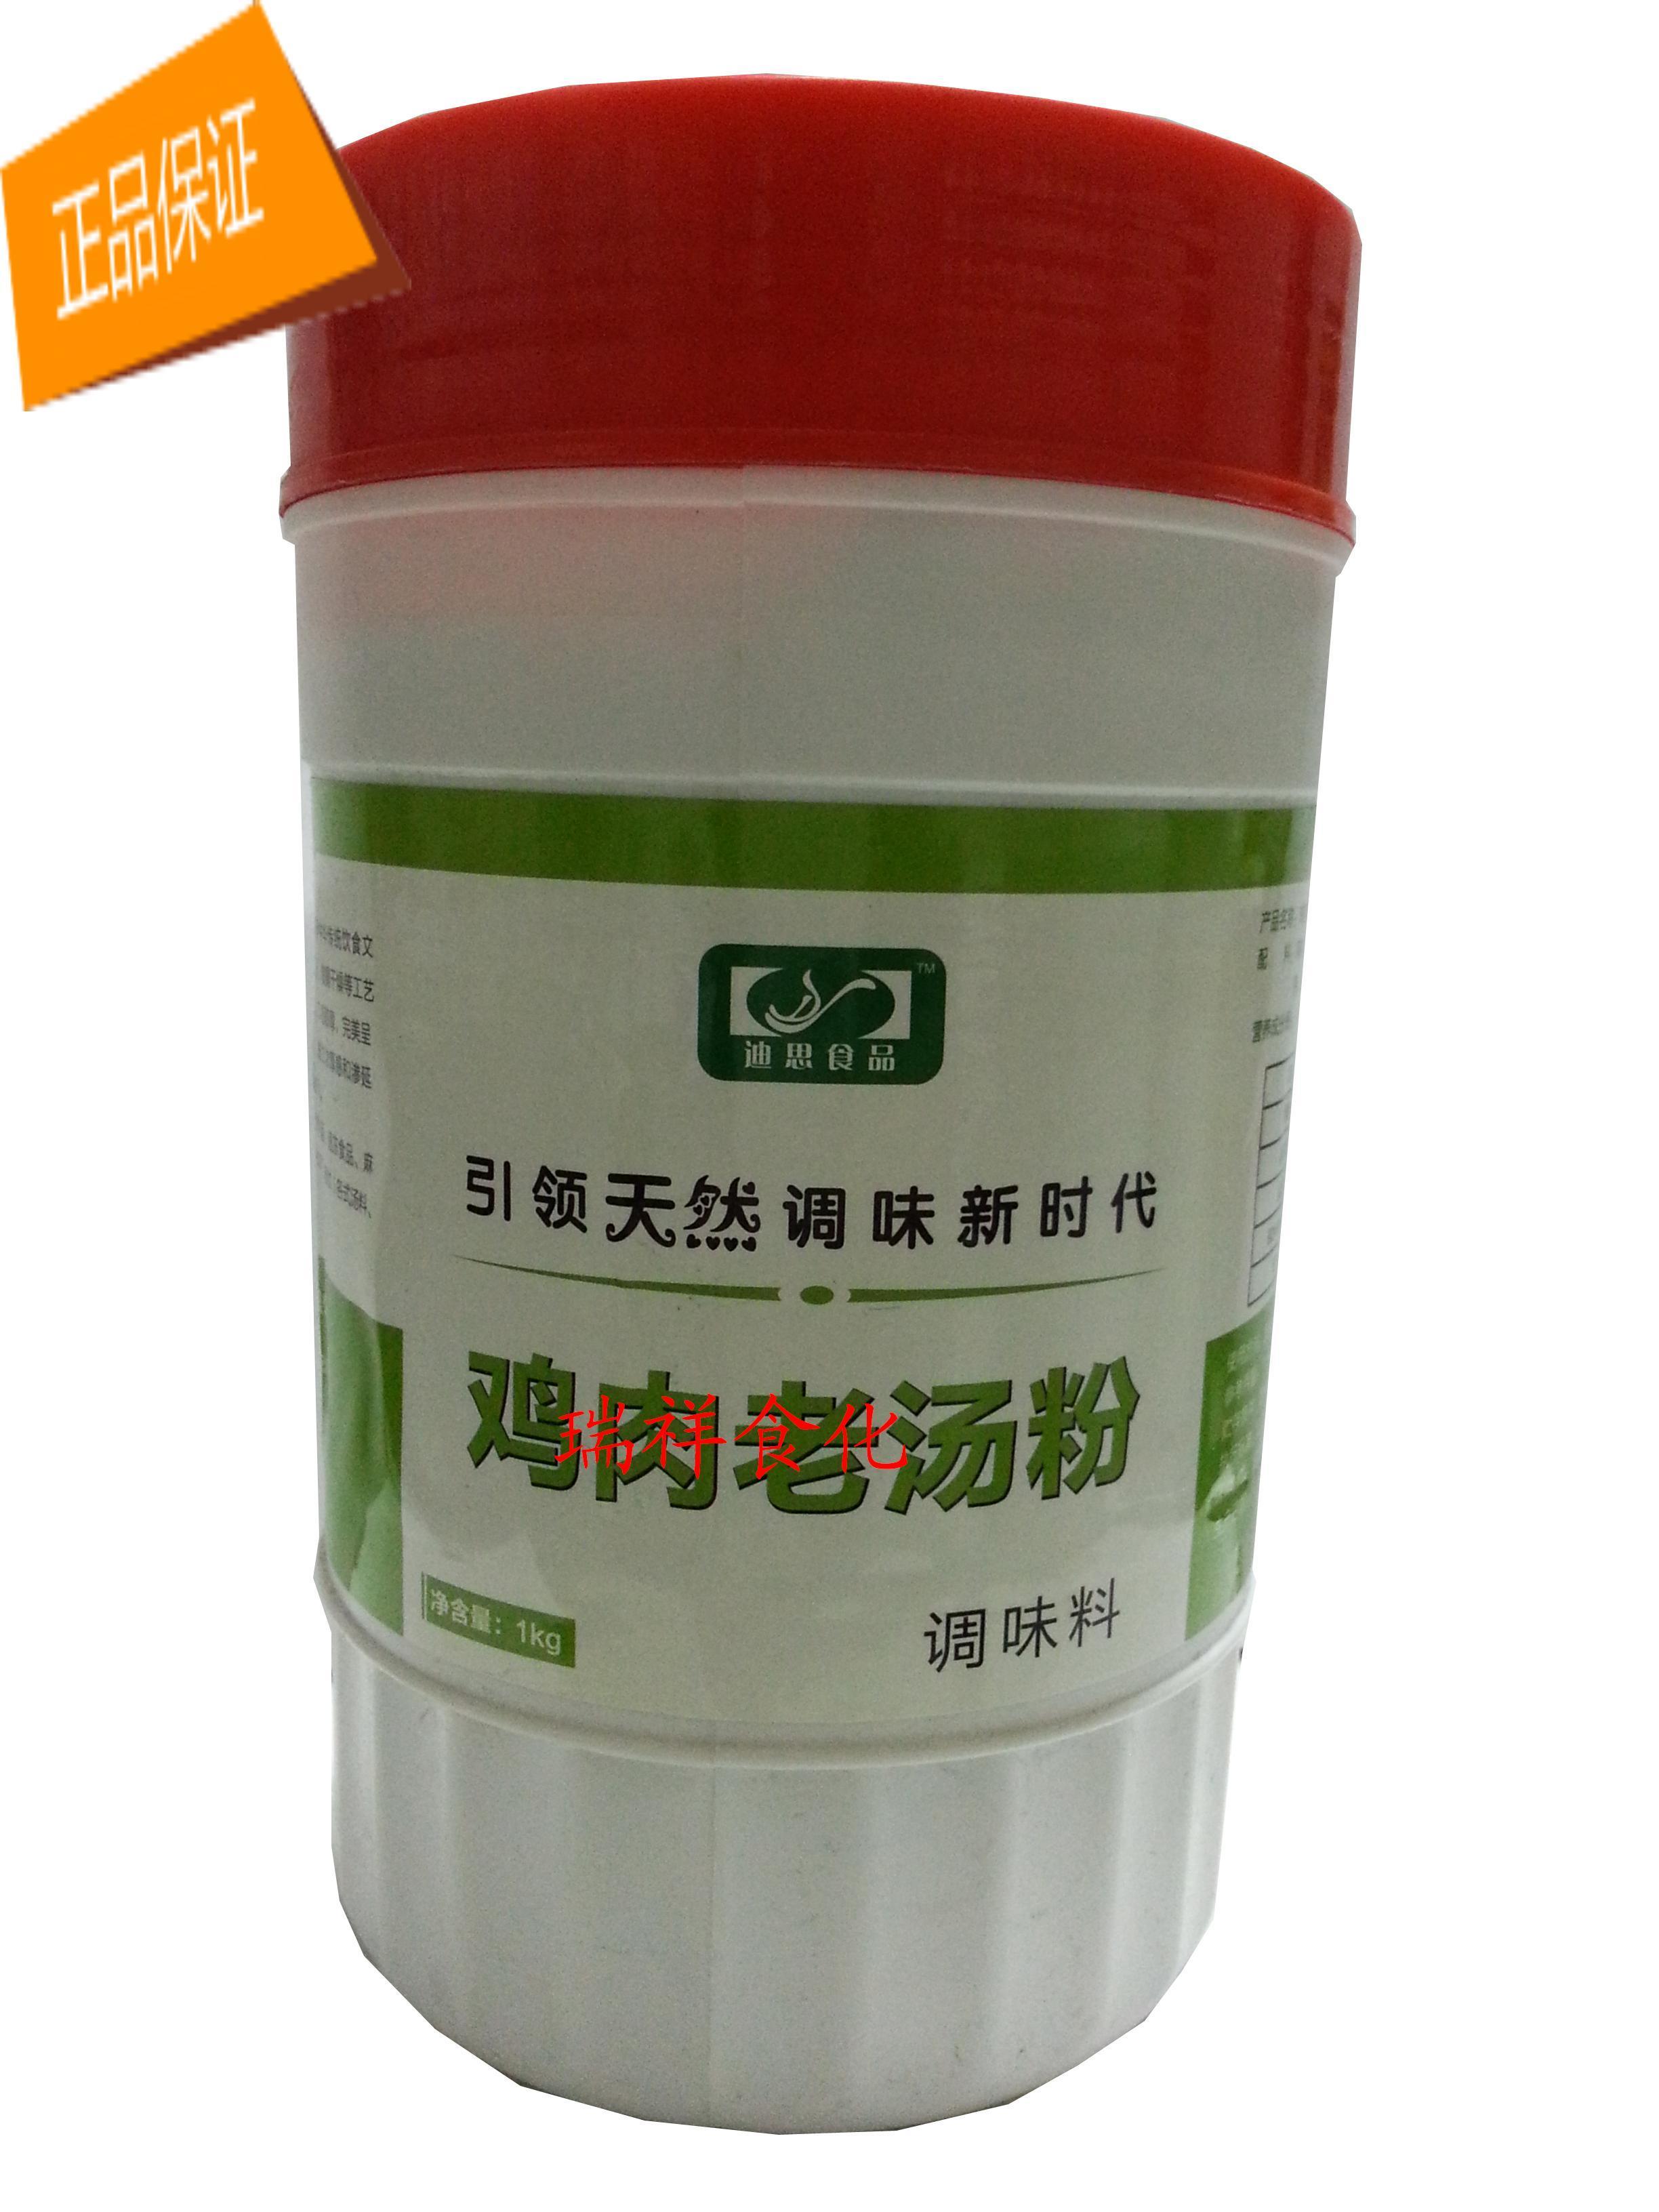 迪思鸡肉老汤粉/调味料/火锅汤底料/麻辣烫/串串香/过桥米线1kg